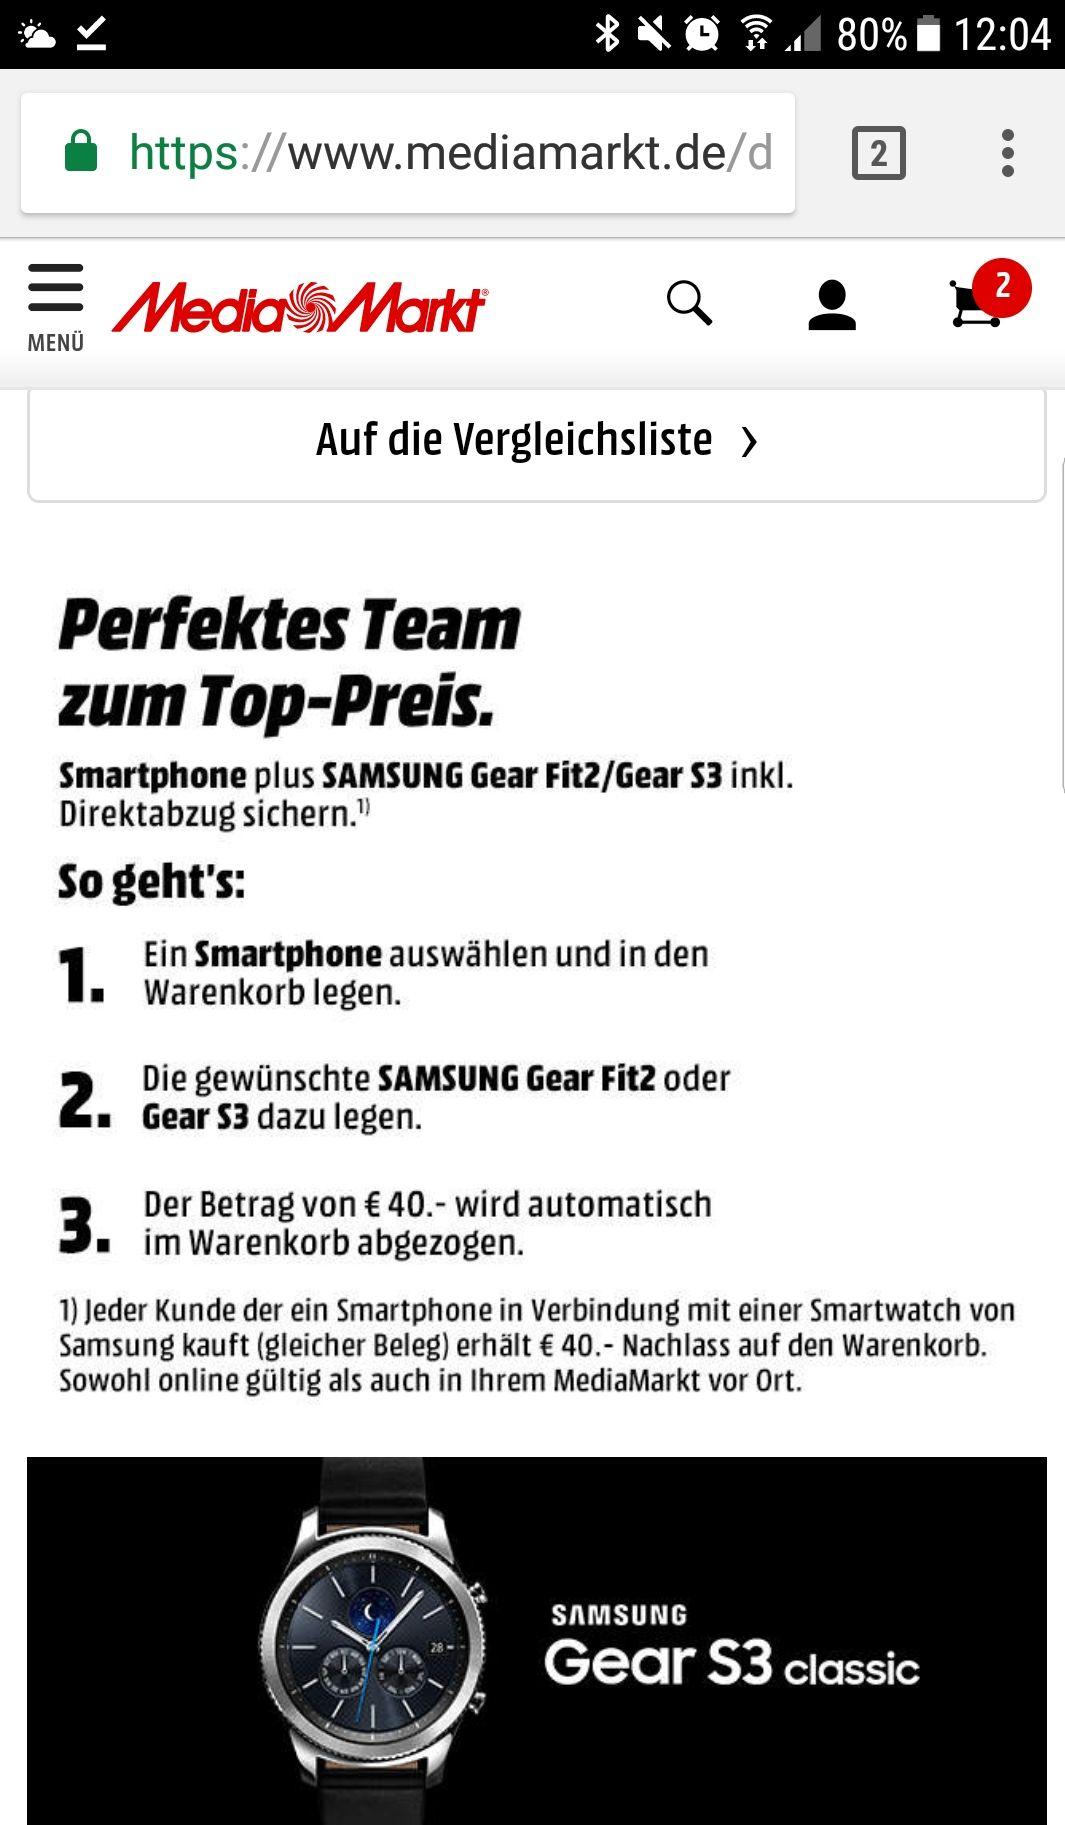 MediaMarkt (online& lokal) - Samsung Gear S3 zusammen mit einem Handy 40€ günstiger